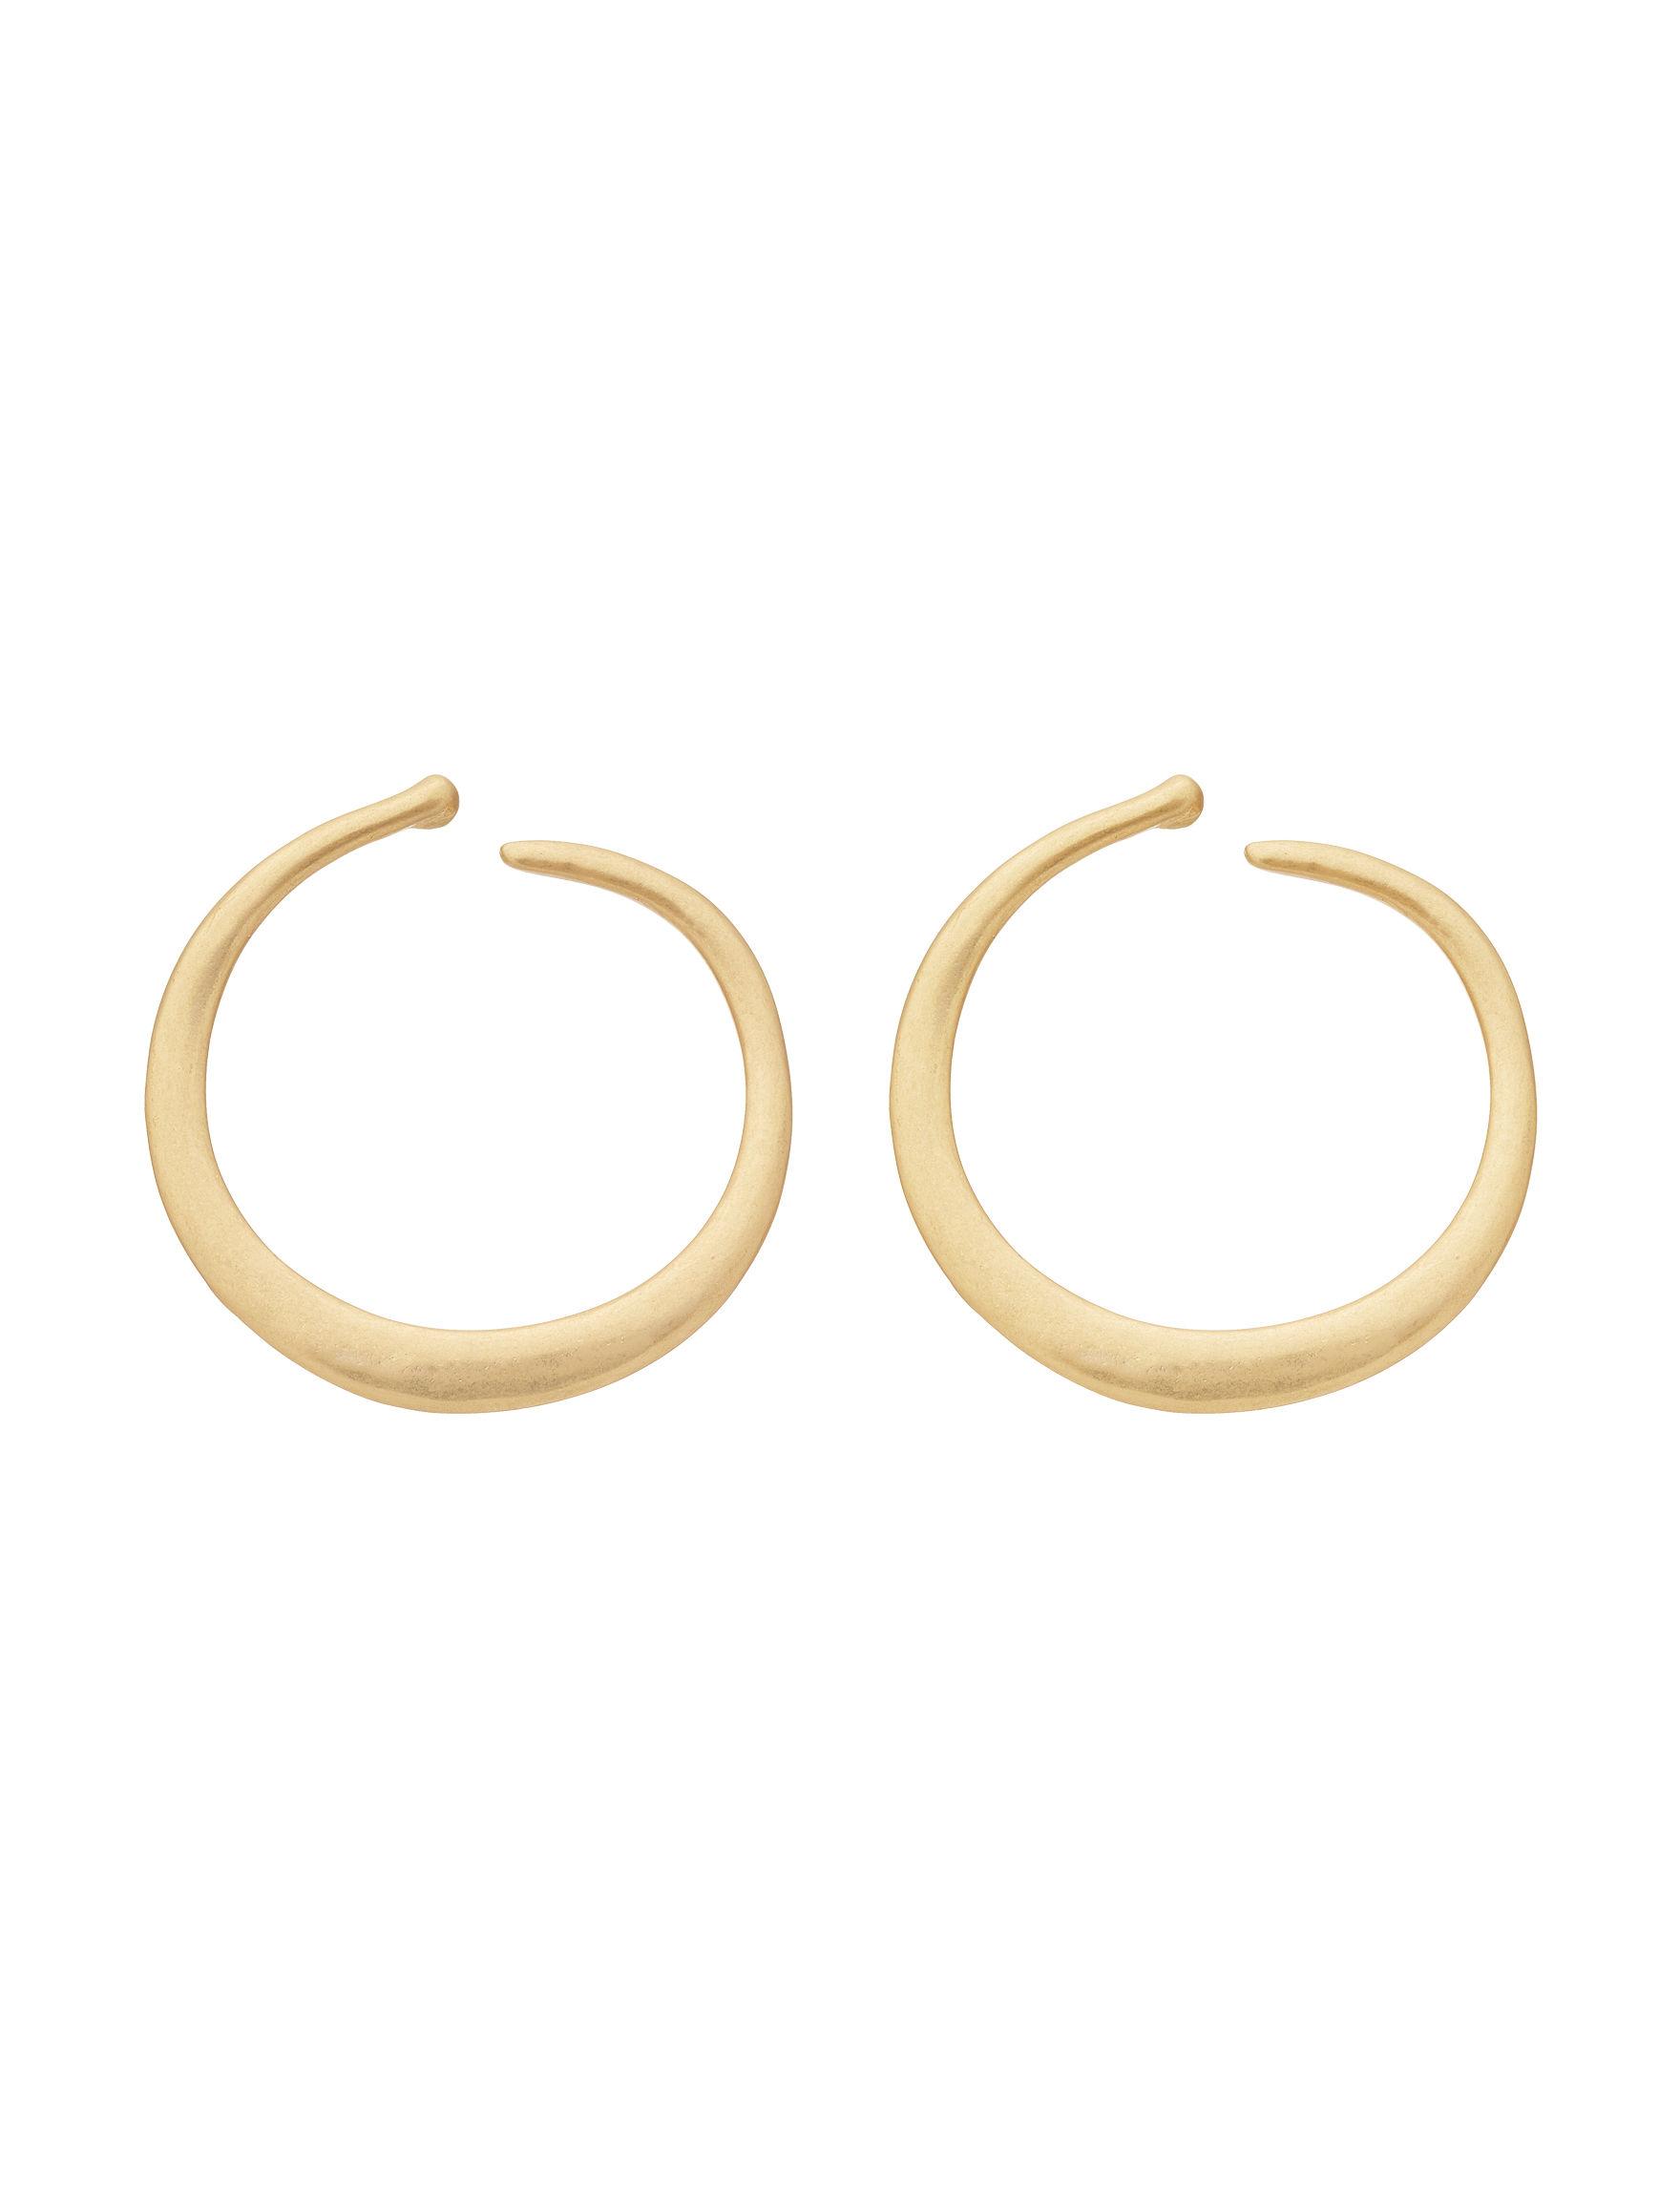 Bella Uno Gold Hoops Earrings Fashion Jewelry